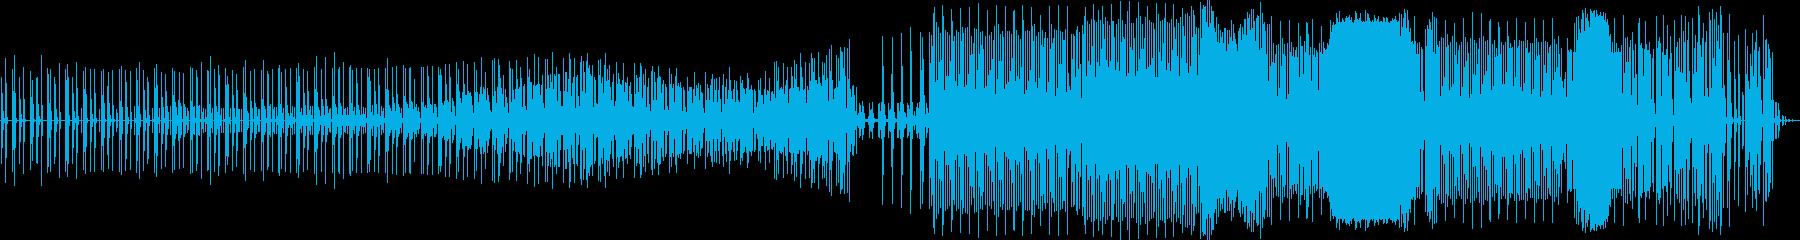 テクノ。 80音。の再生済みの波形